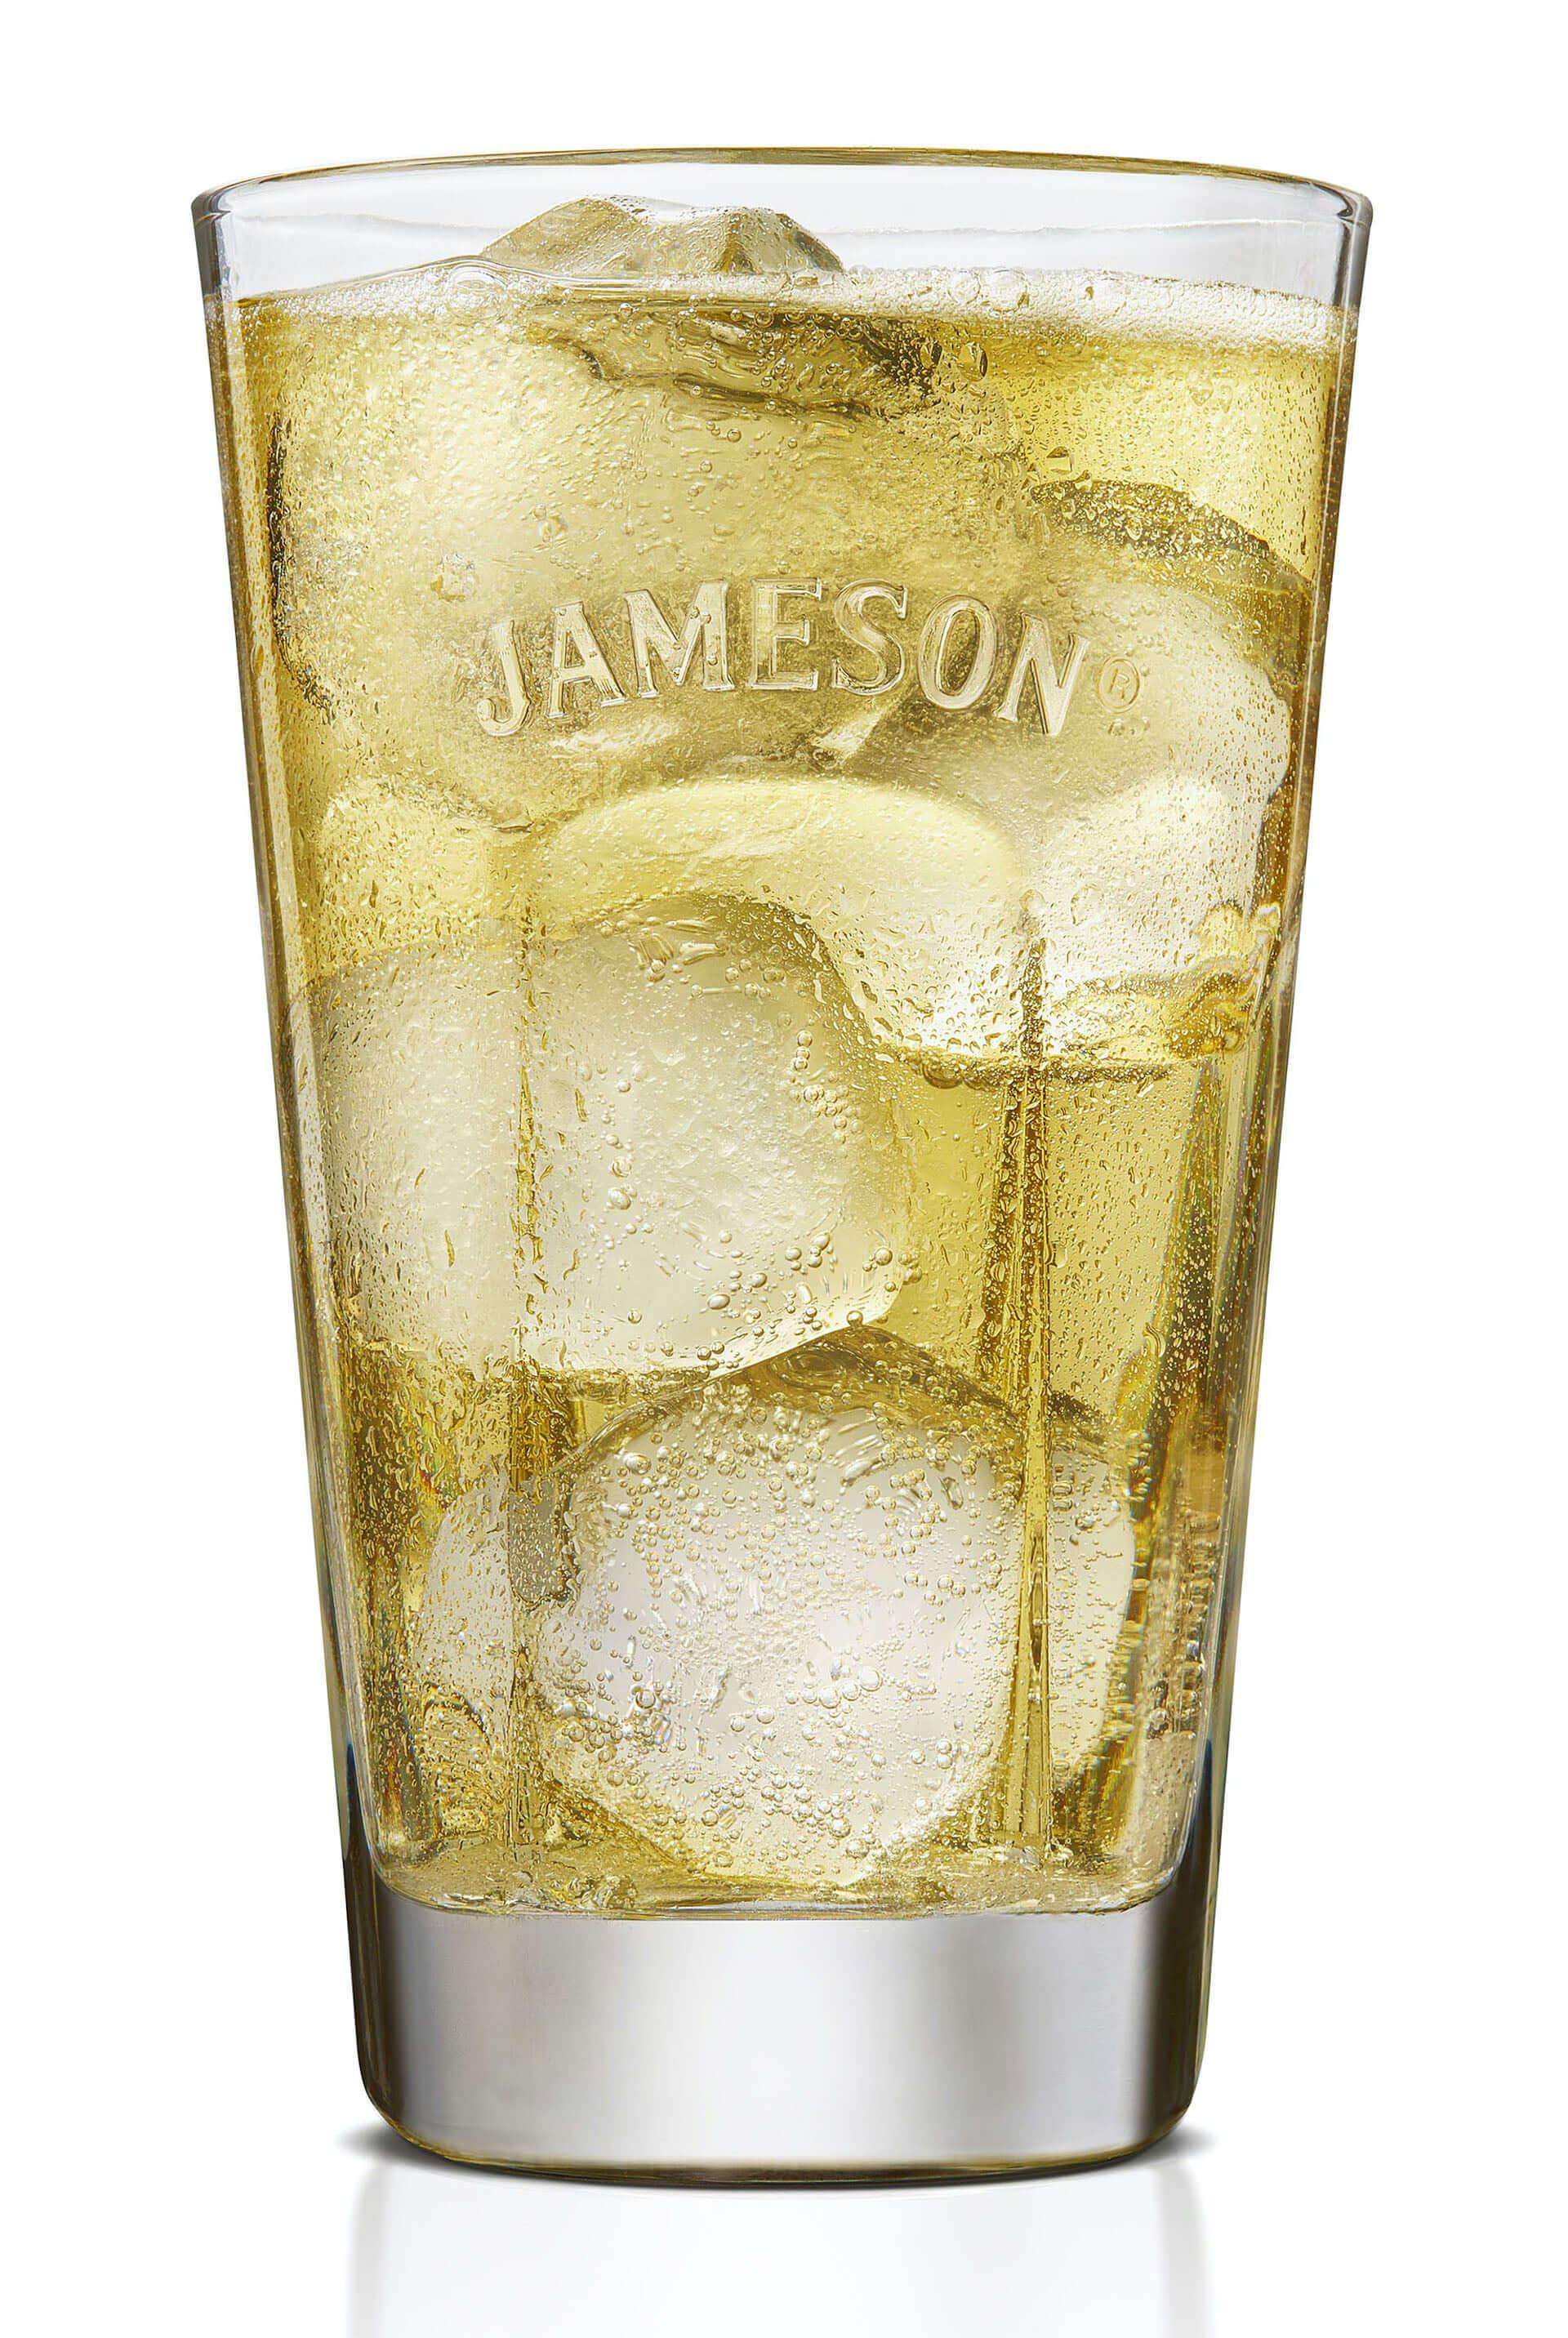 """『ジェムソン』が""""東京""""デザインの限定ボトルに!PUNK DRUNKERS・親方とコラボした『ジェムソン 東京 リミテッド』が発売決定 gourmet200828_jamesonwhiskey_2-1920x2863"""